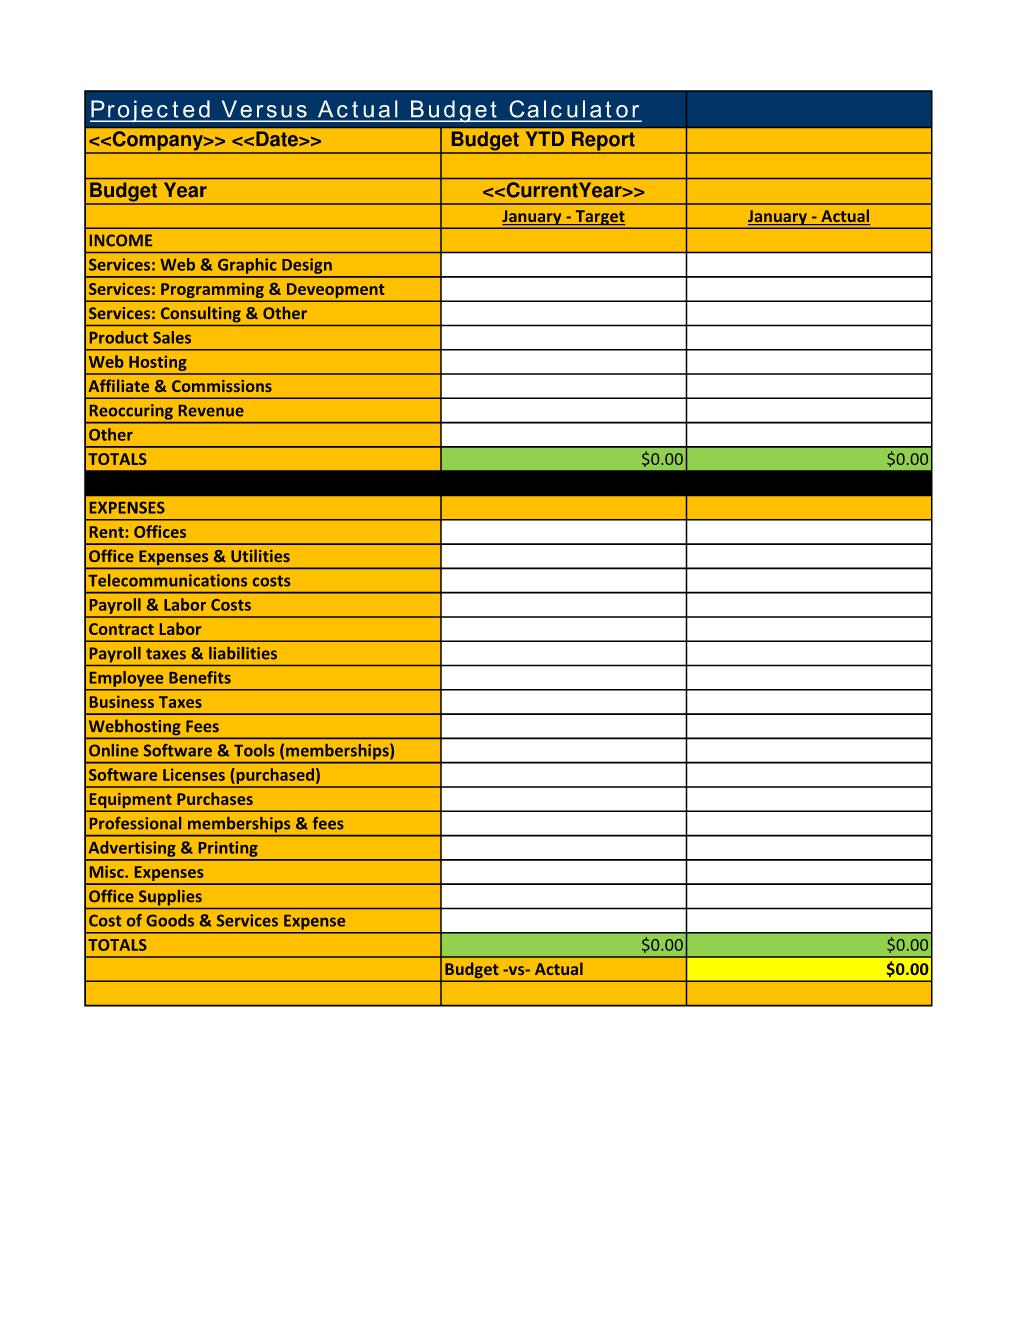 Projected Versus Actual Budget Spreadsheet